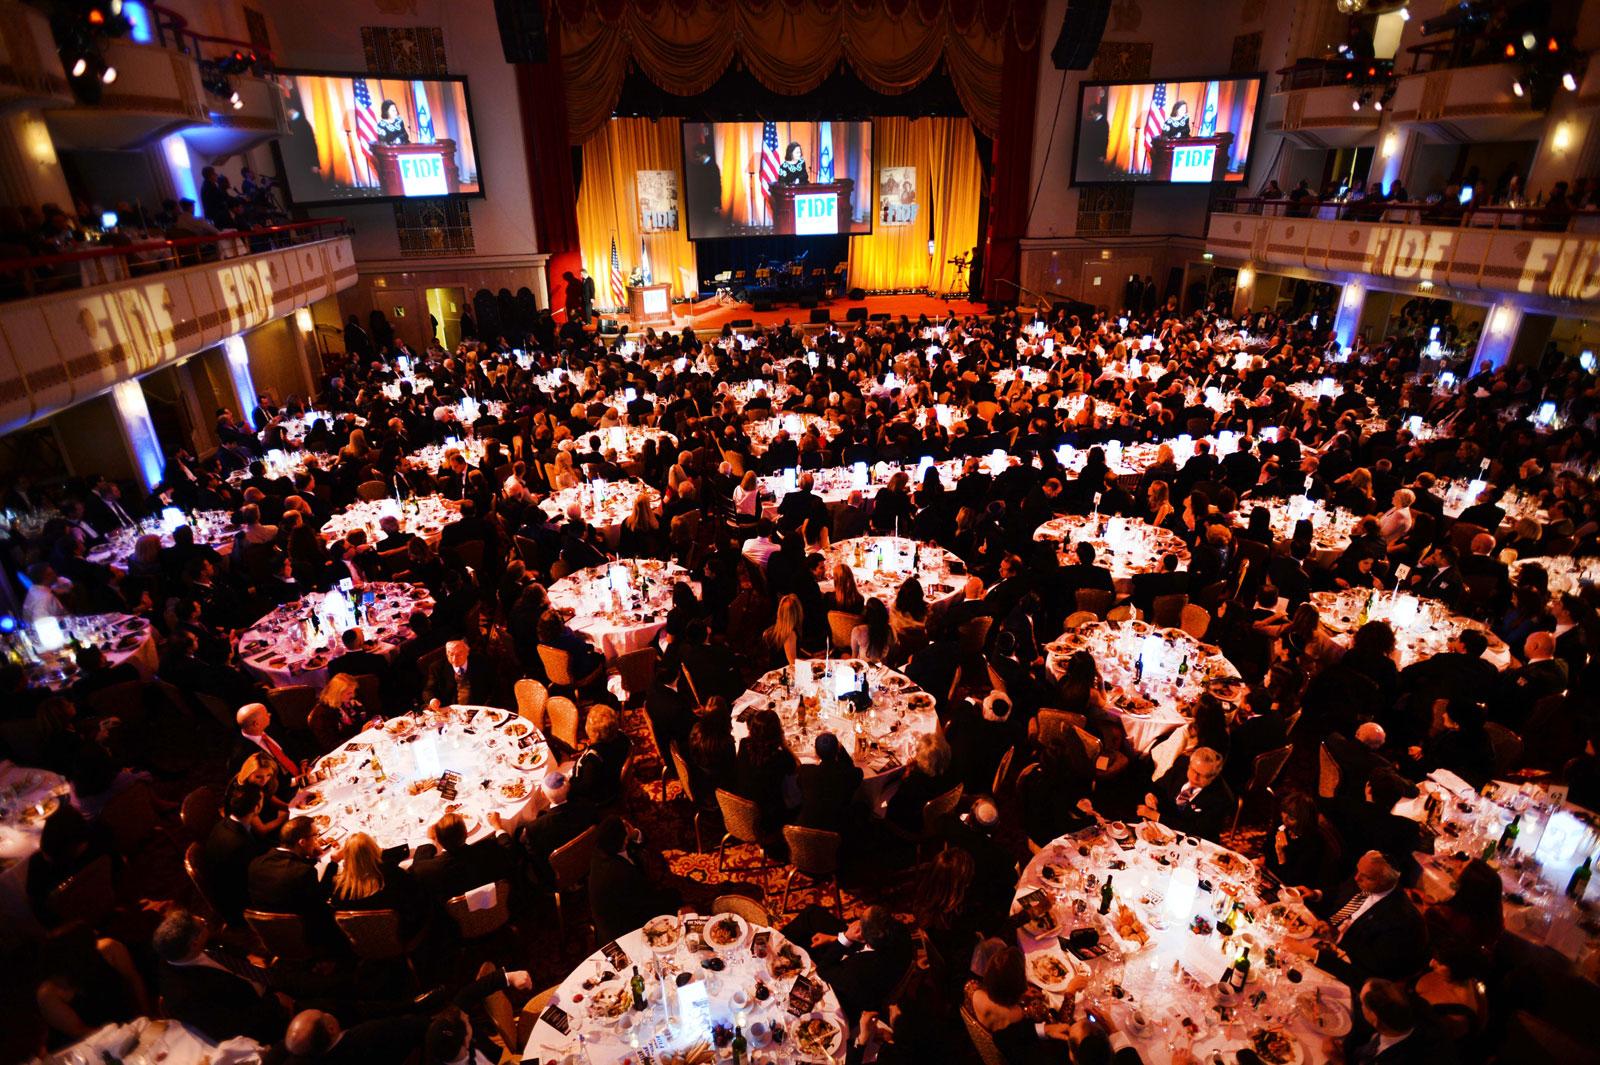 """ערב הגאלה של FIDF בניו-יורק, מראה כללי של האולם והבמה במלוא תפוסתם החגיגית, 12.3.13 (צילום: יח""""צ)"""